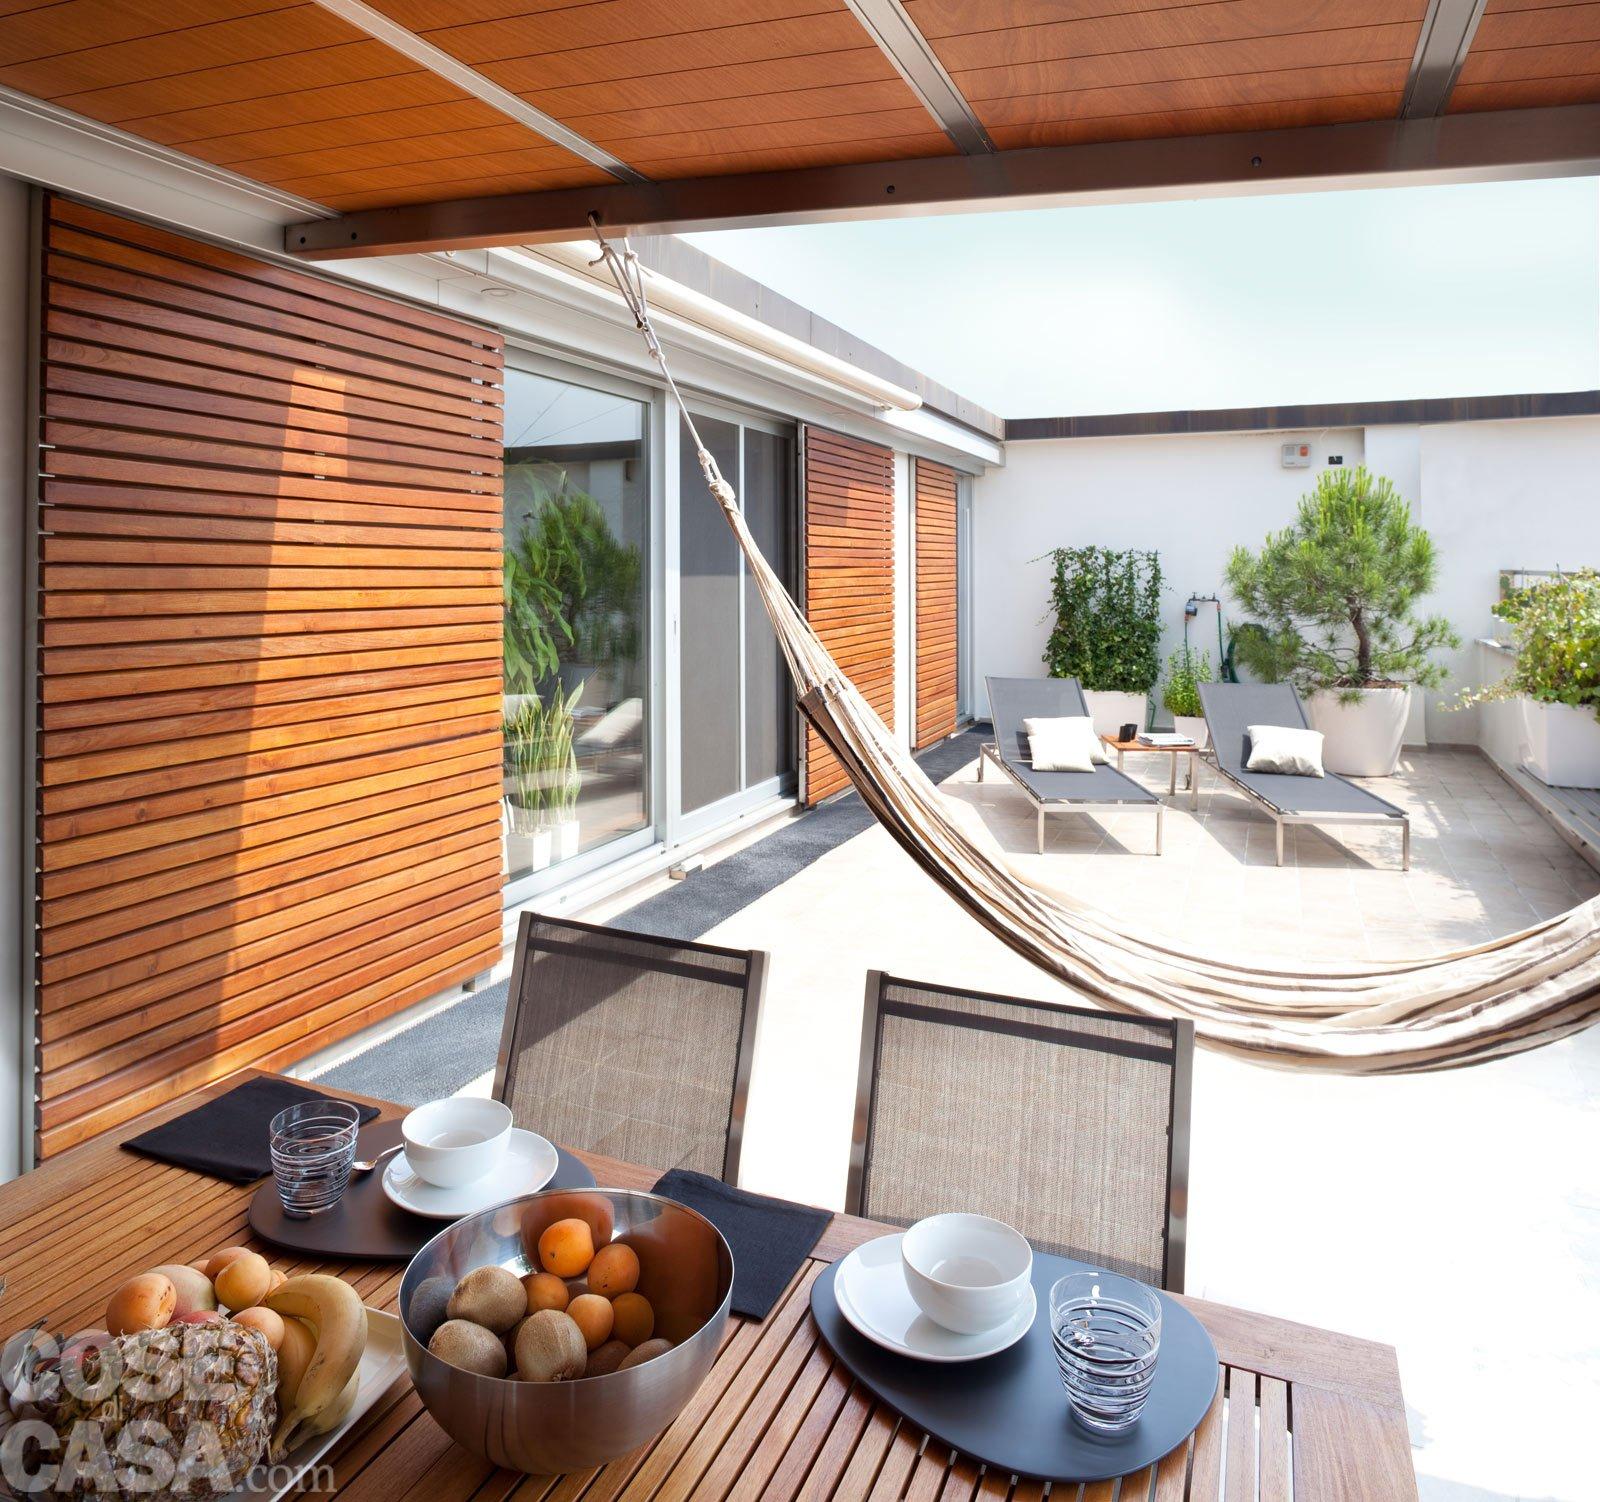 Fiorentini demuth esterno tavolo cose di casa for Giardino 80 mq